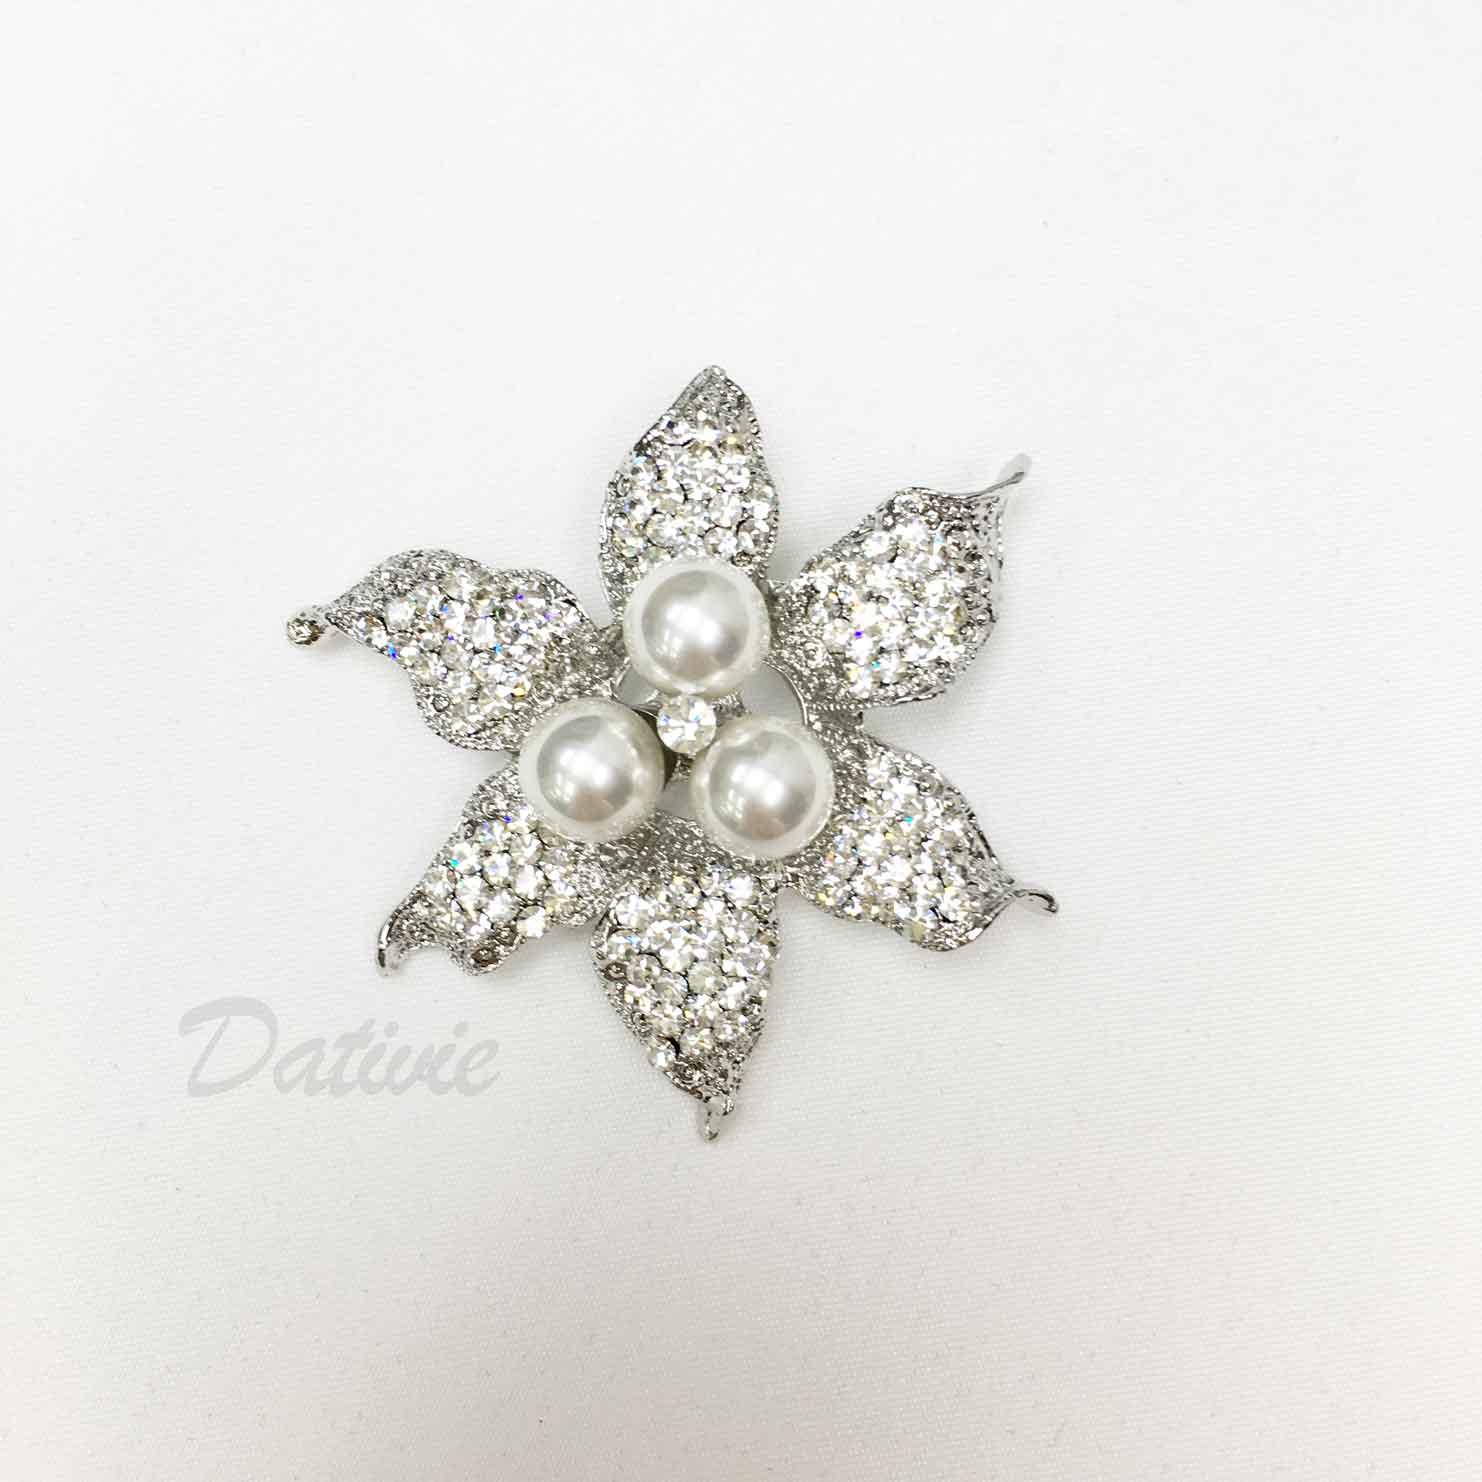 葉子 花朵 珍珠 單個 胸針